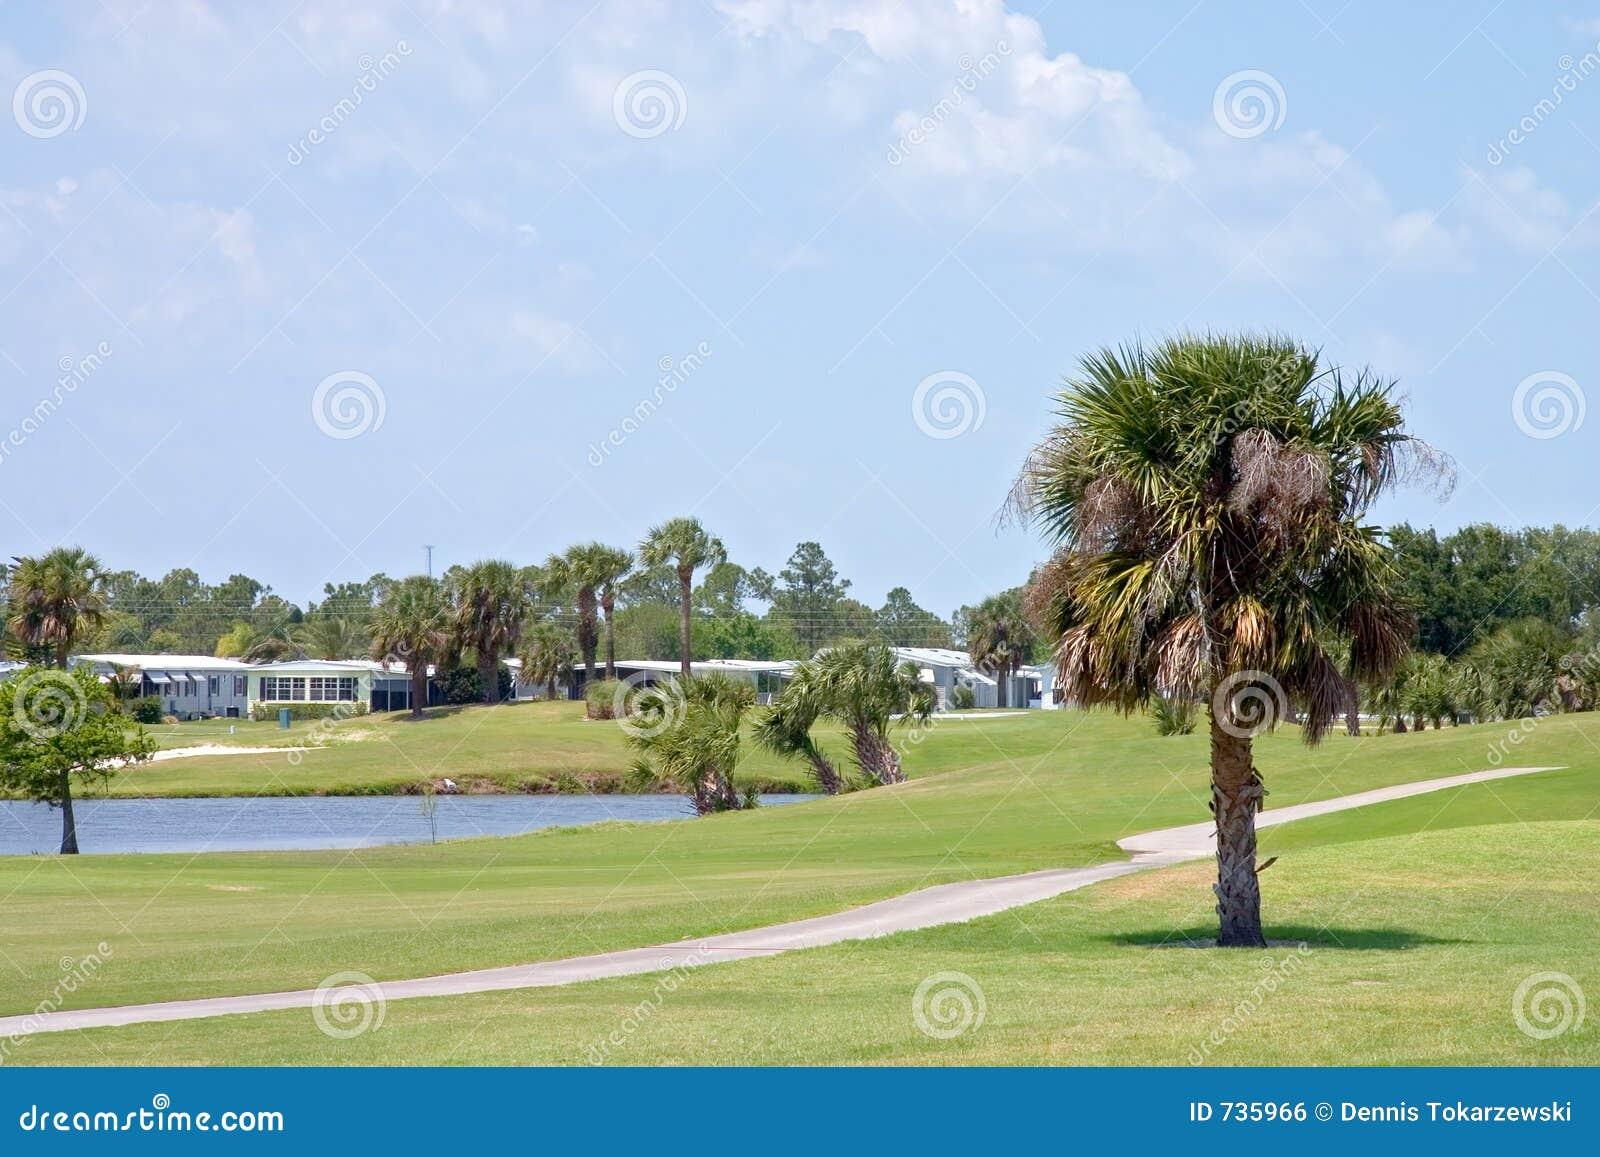 Golf tropical Course2